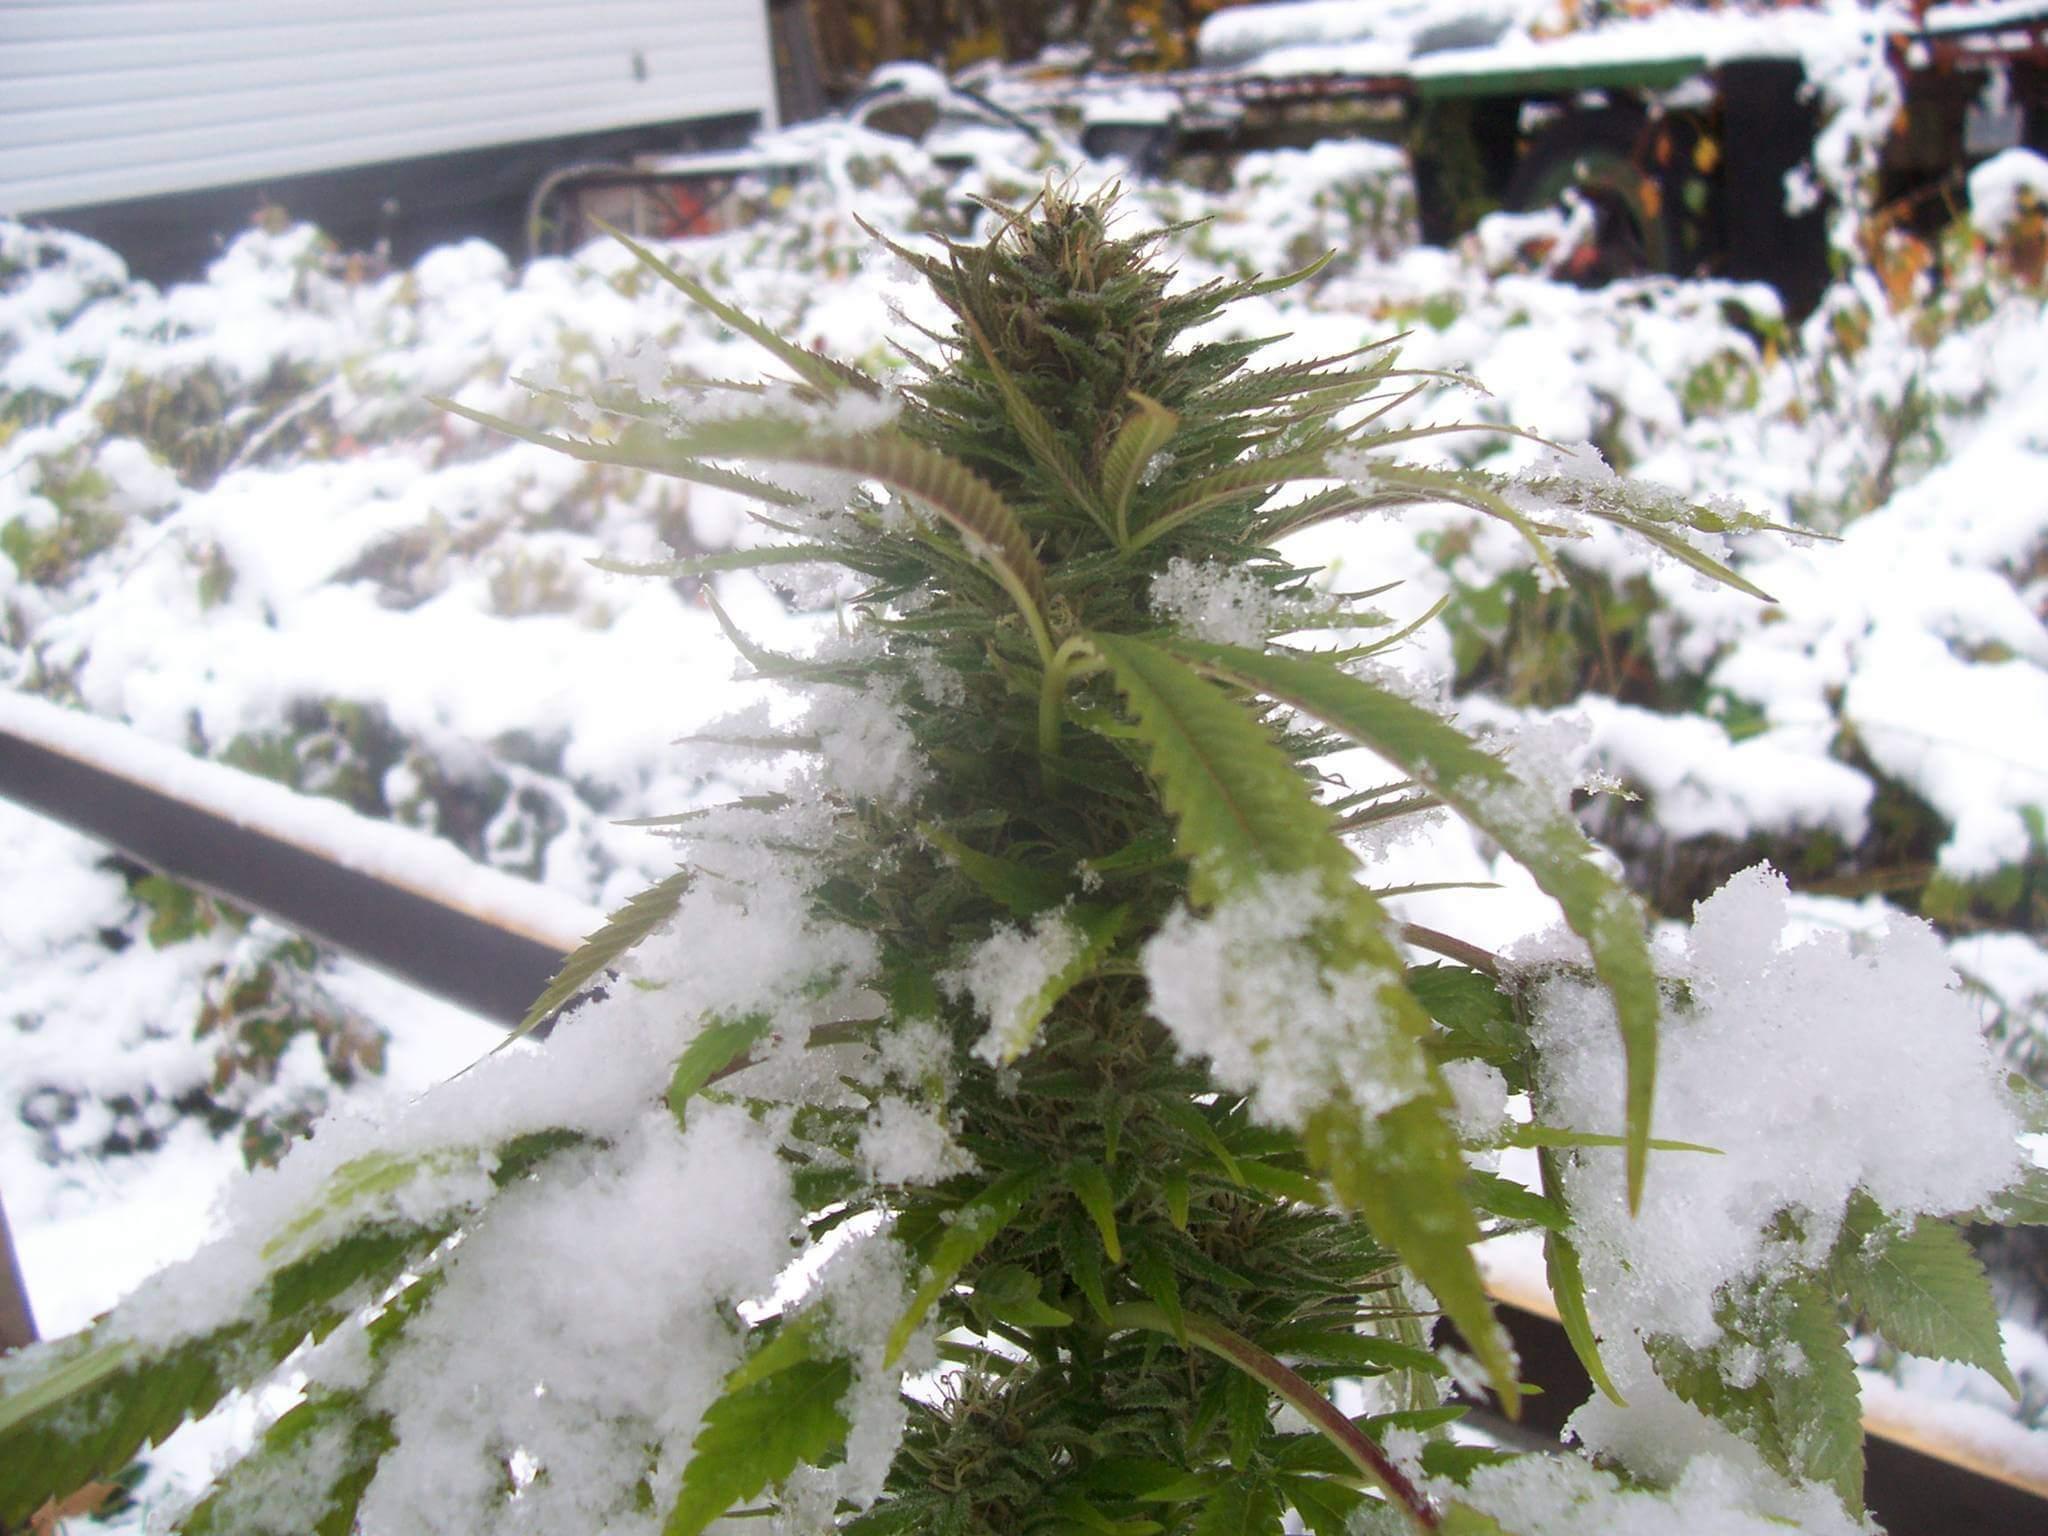 Marihuana conbatiendo el invierno